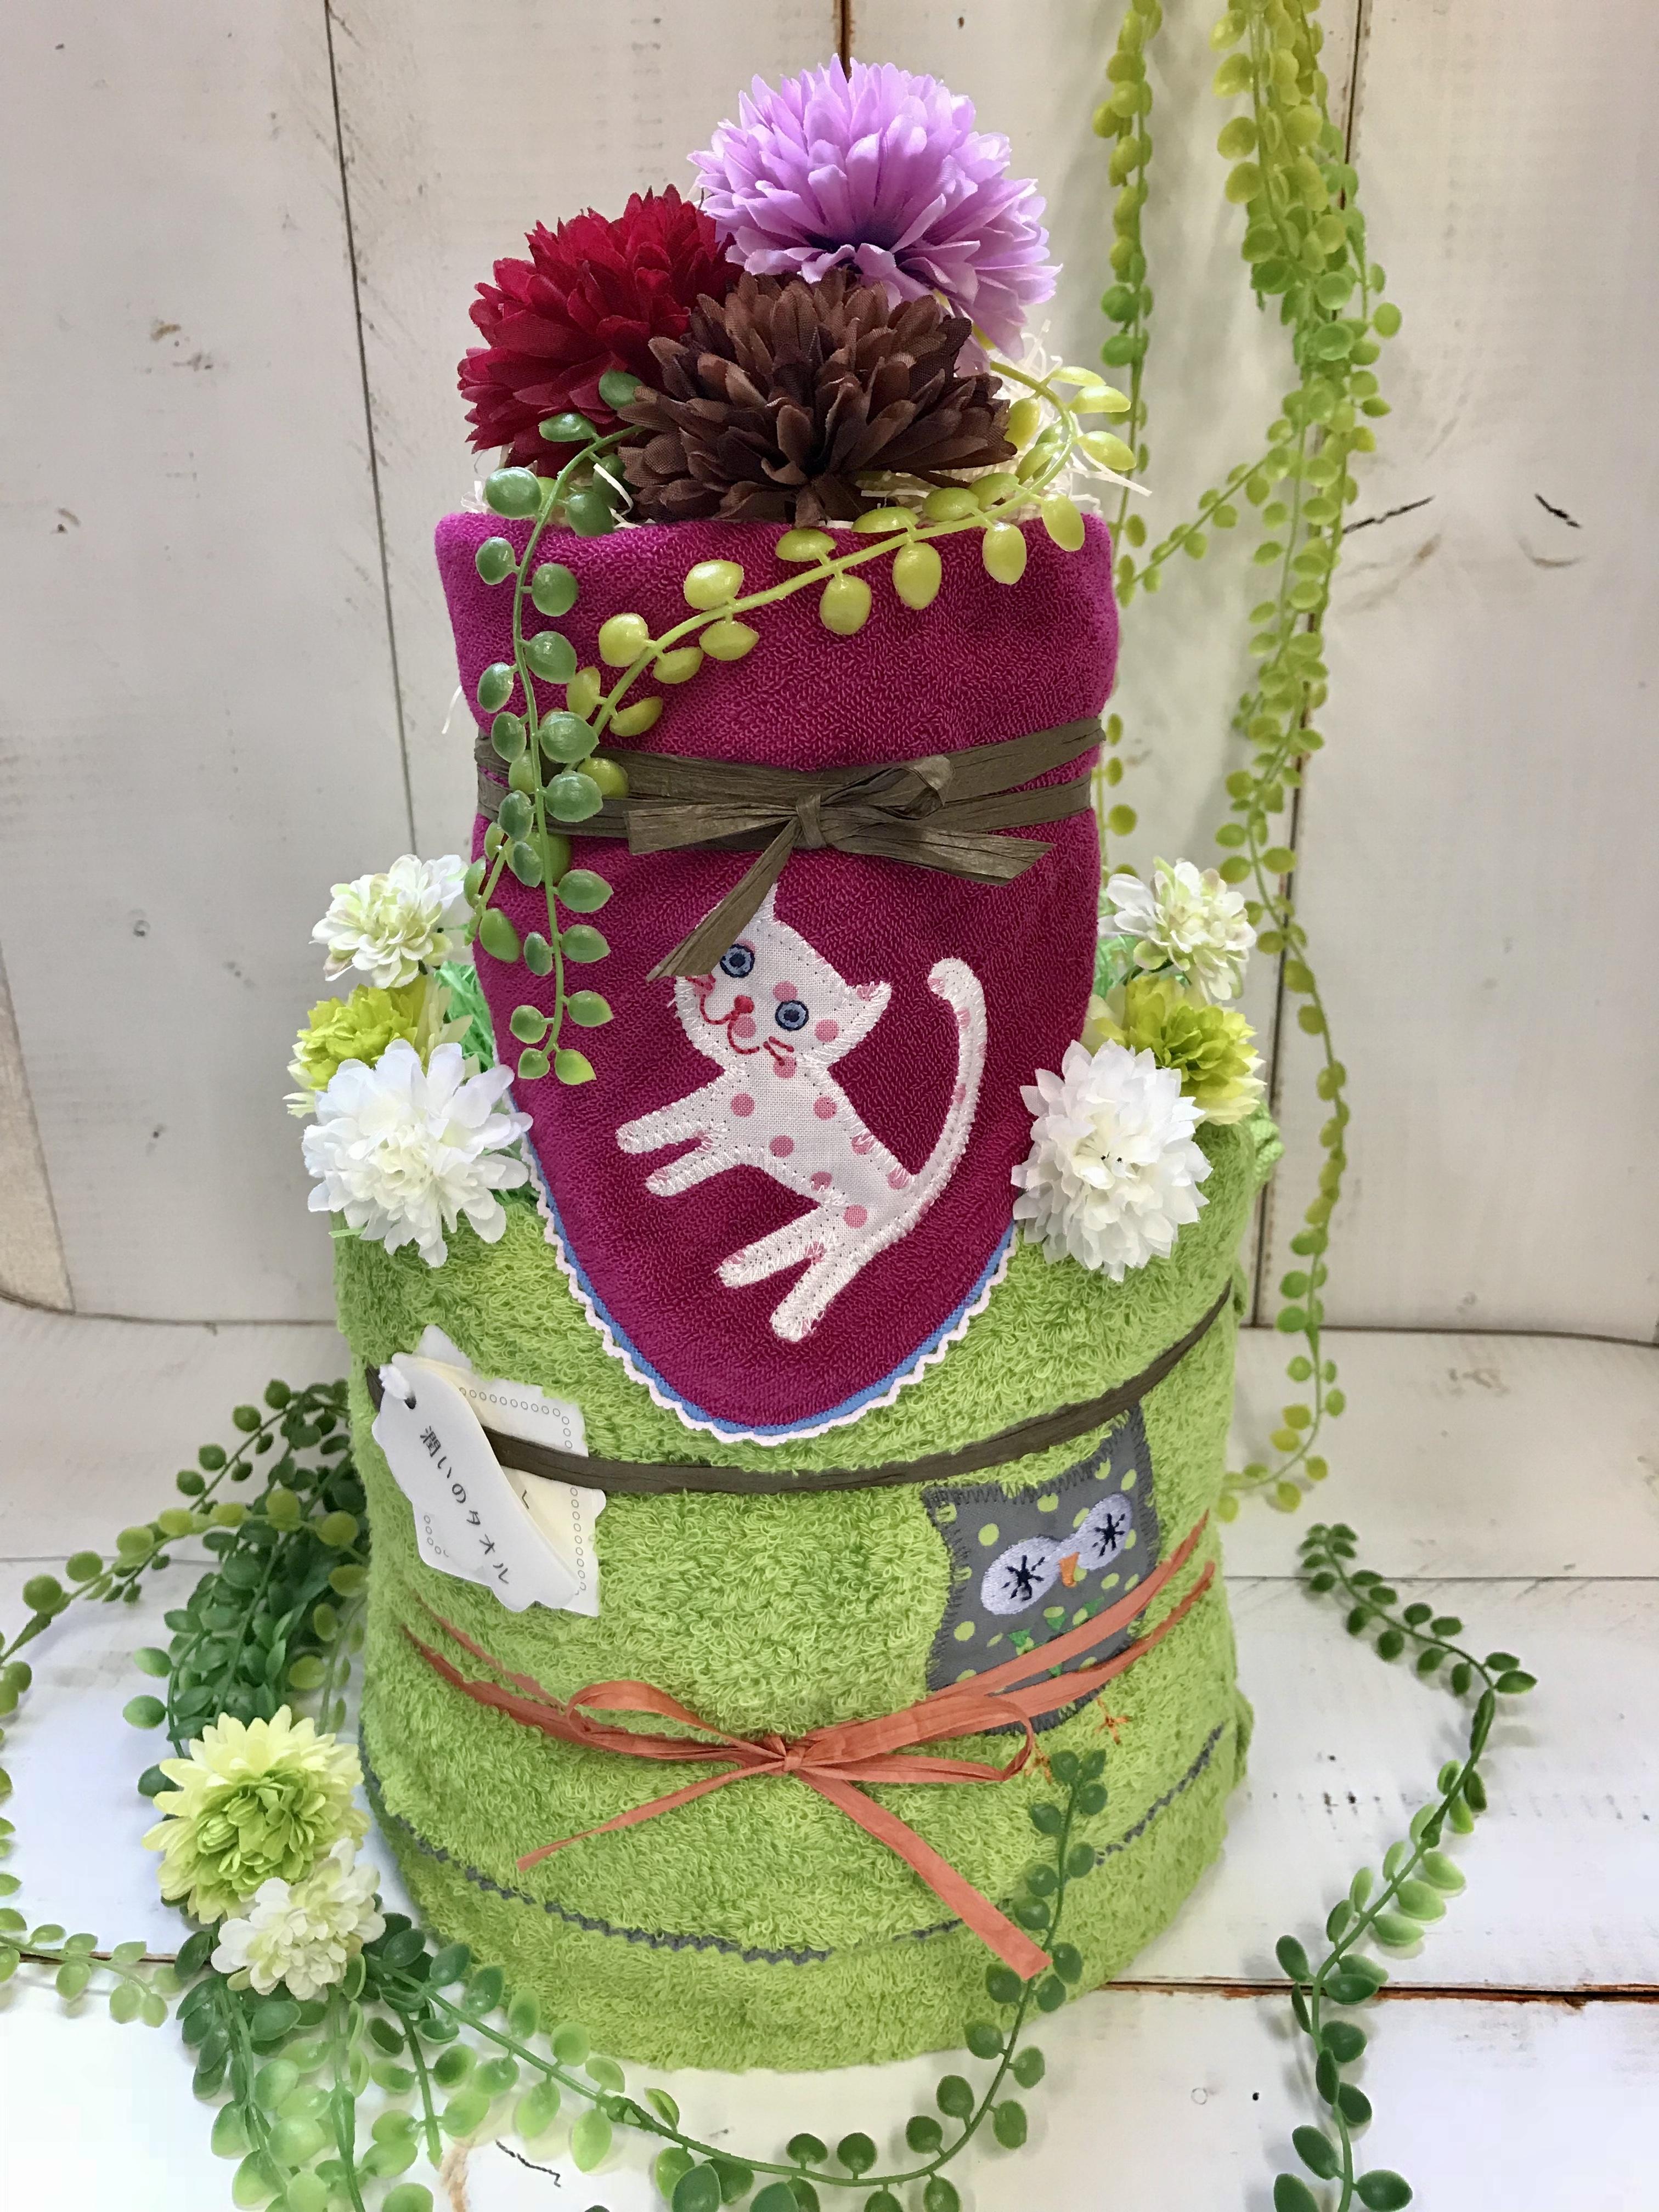 今治タオル おむつケーキ ねこ ハンカチ 付き   おむつケーキ  出産祝い ギフト オシャレ 個性的  かわいい  キャラクター